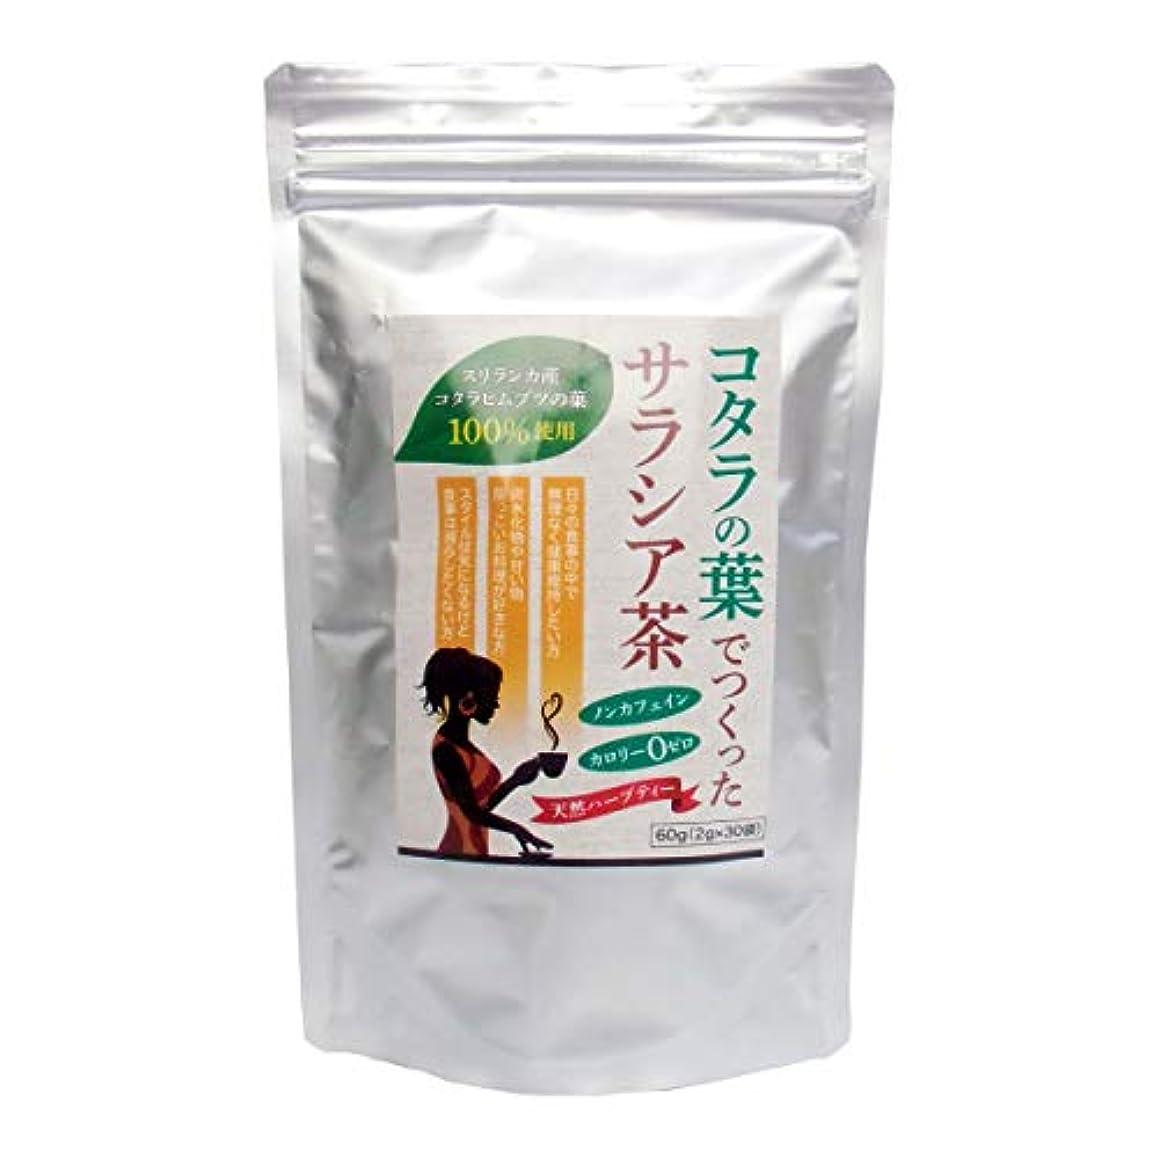 議題強打ホラー【初回限定お試し価格】コタラの葉でつくったサラシア茶 (茶葉タイプ) 60g (2g×30袋)